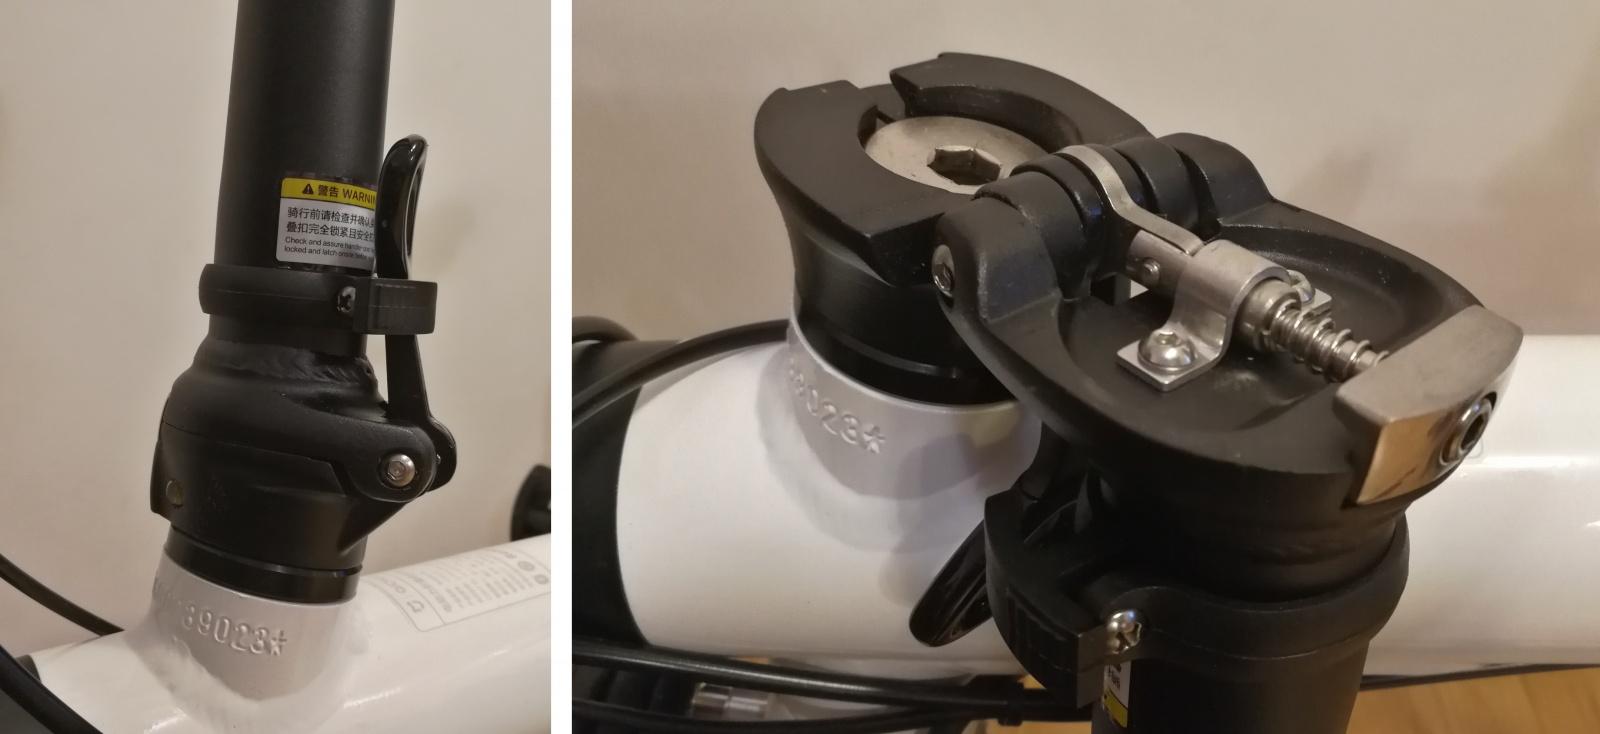 Велосипед для гика — электрический, складной, умный - 8